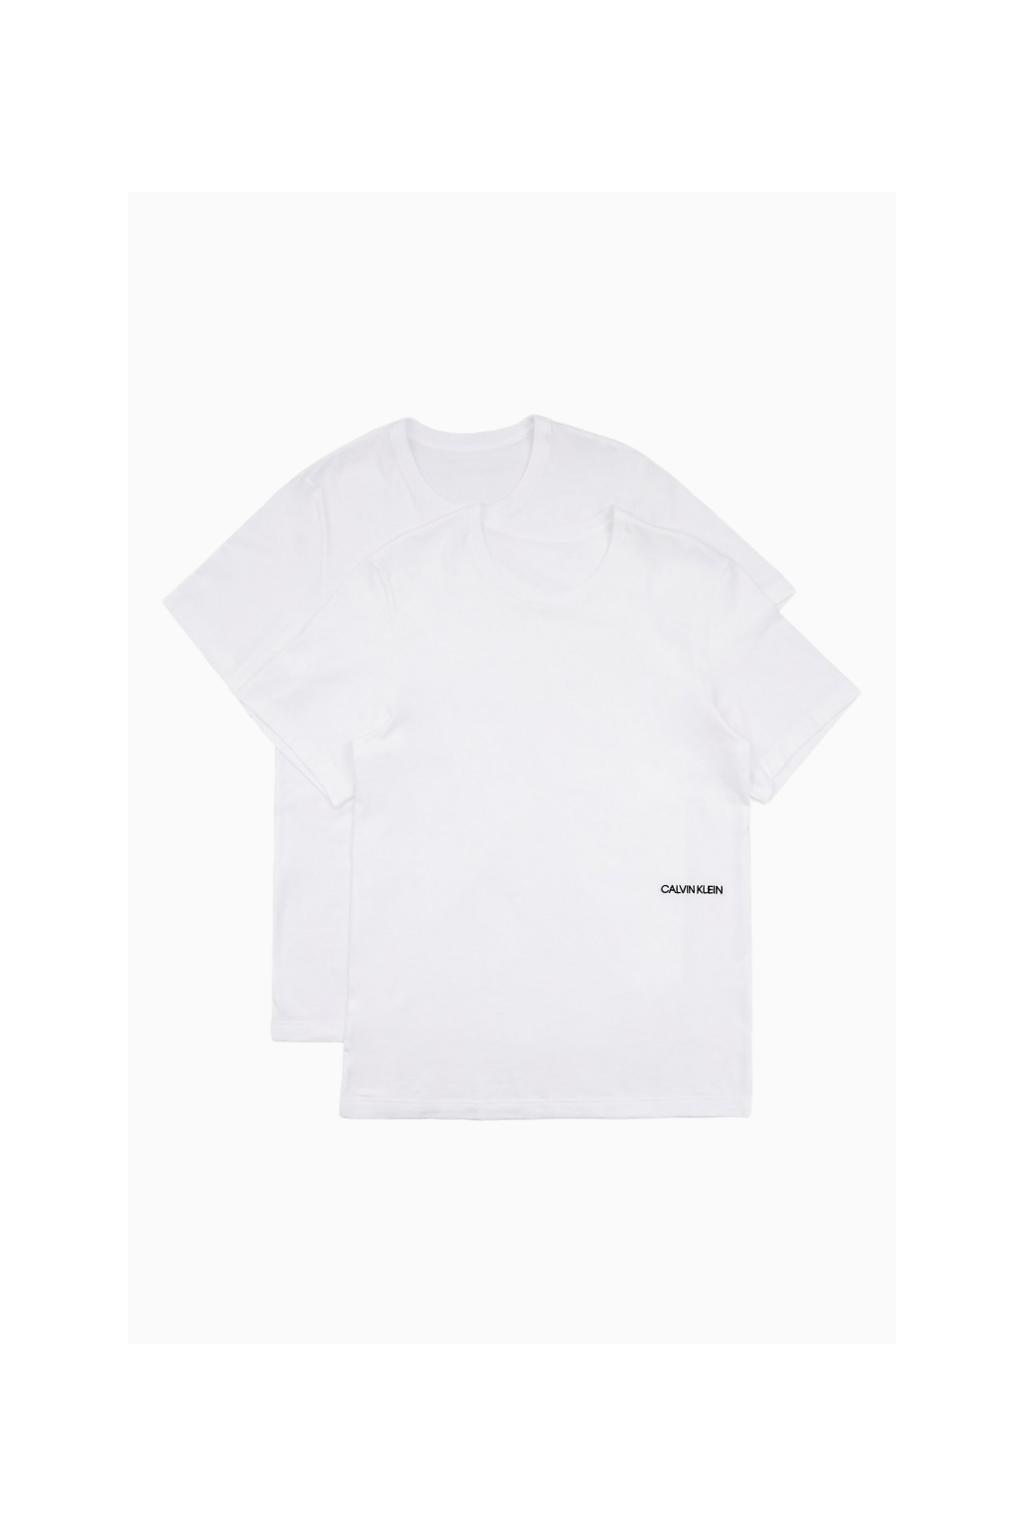 Calvin Klein Unisex trička 2 - balení - bílá